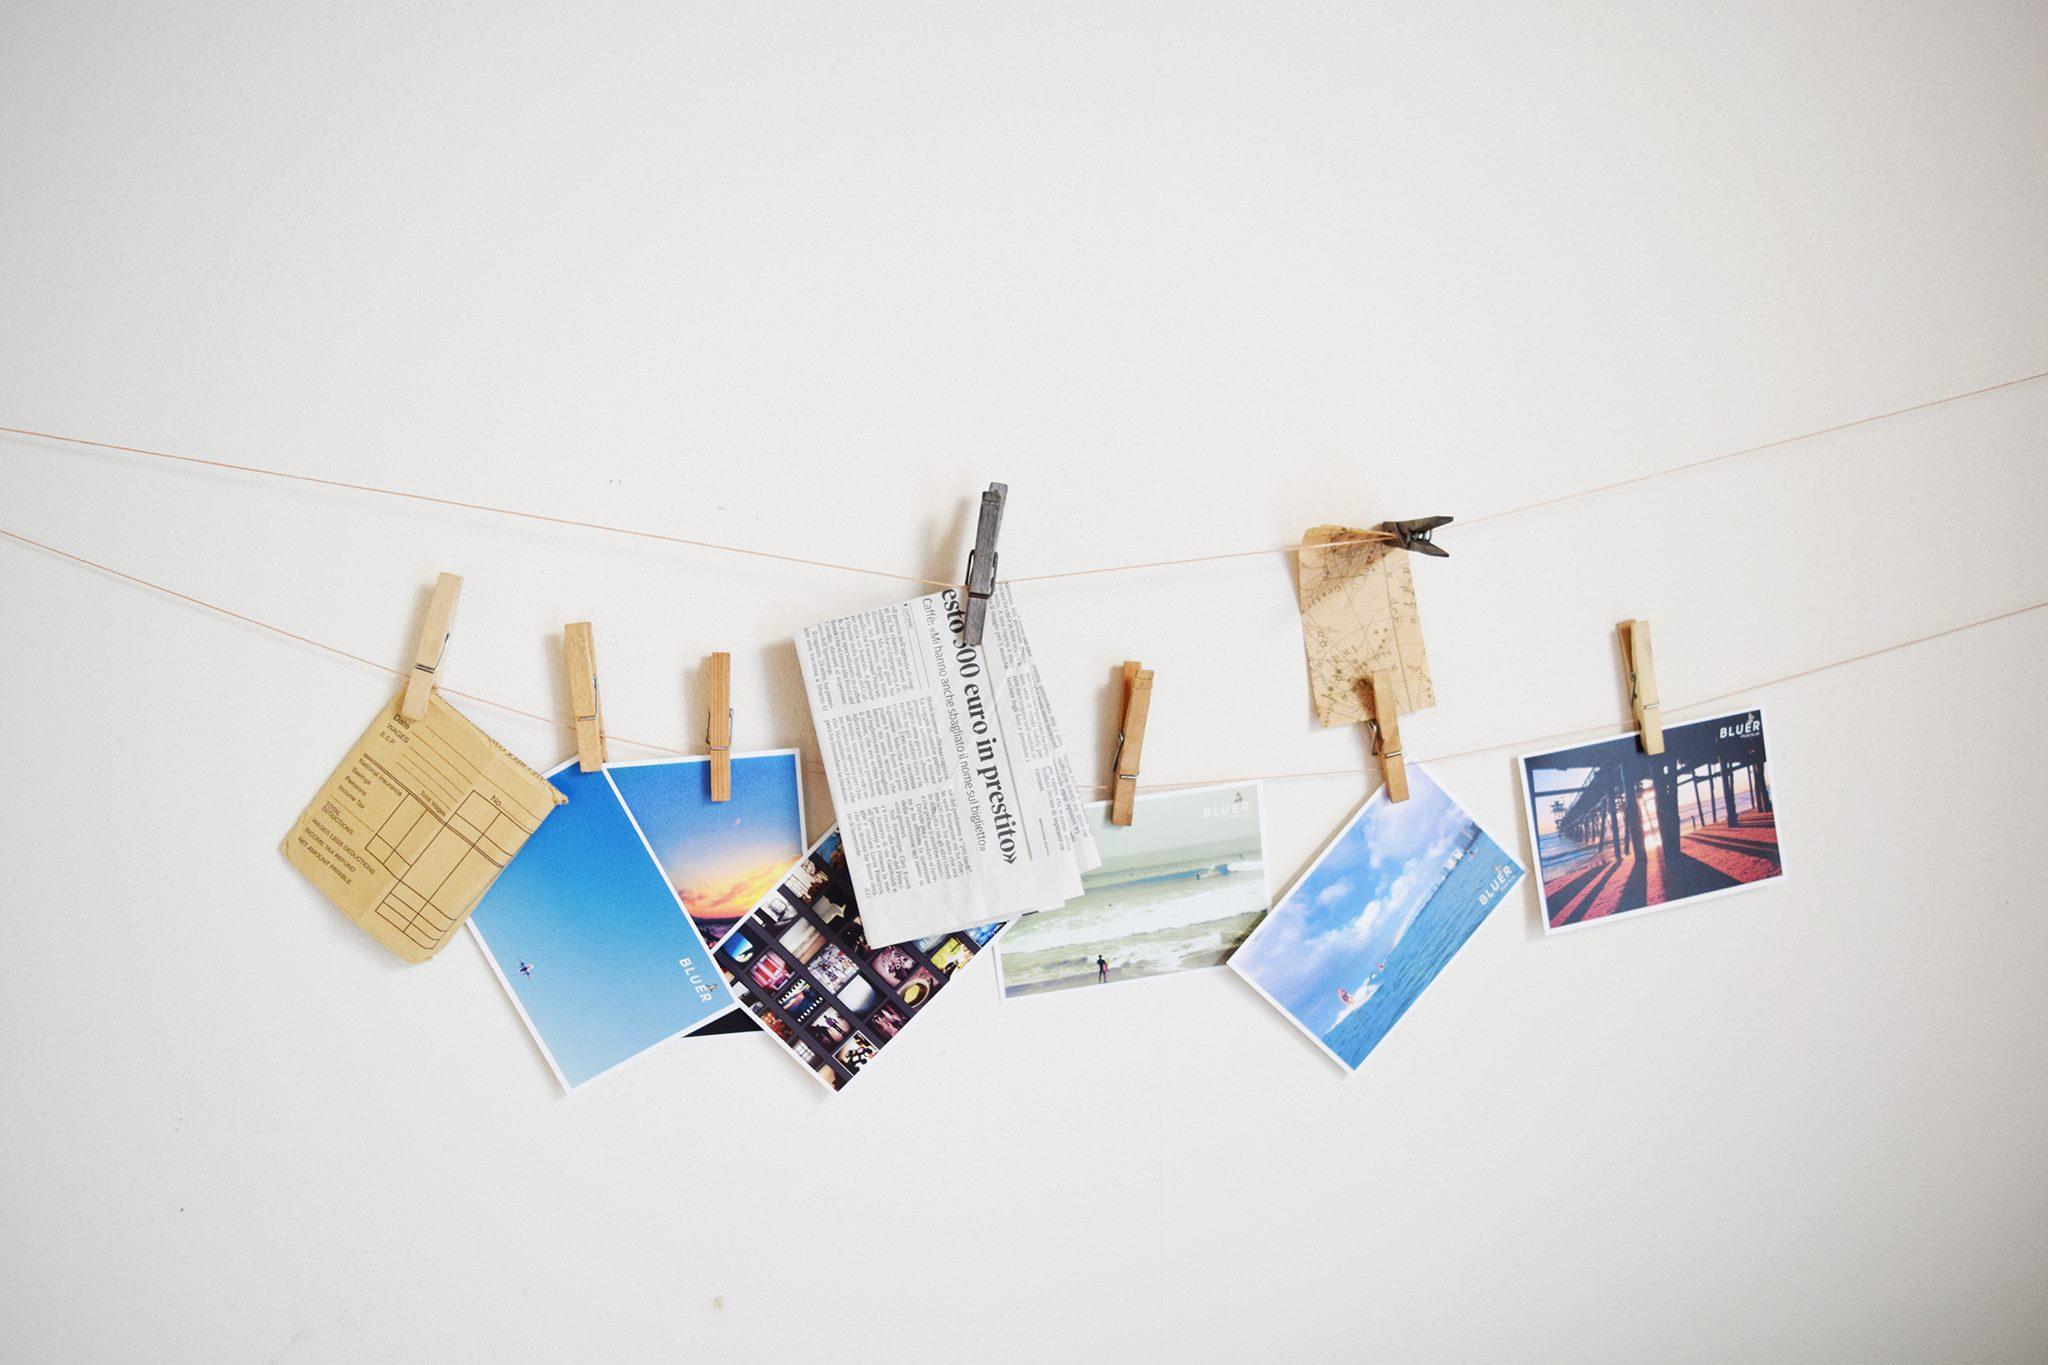 Blog Archive 壁をオシャレに 海と空のパワーいただくウォールデコ